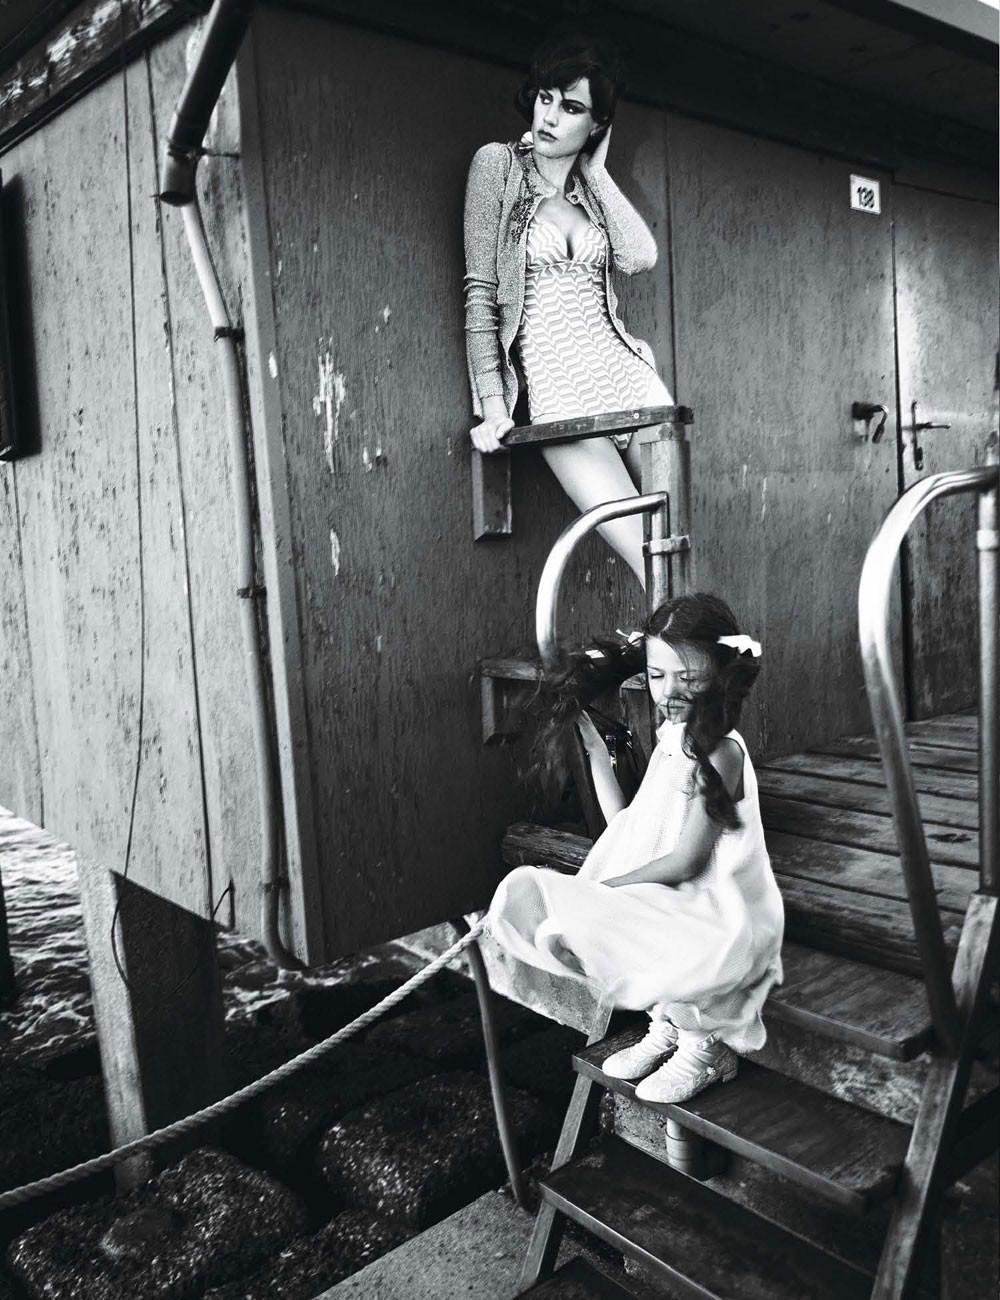 Итальянский фэшн-фотограф Паоло Роверси